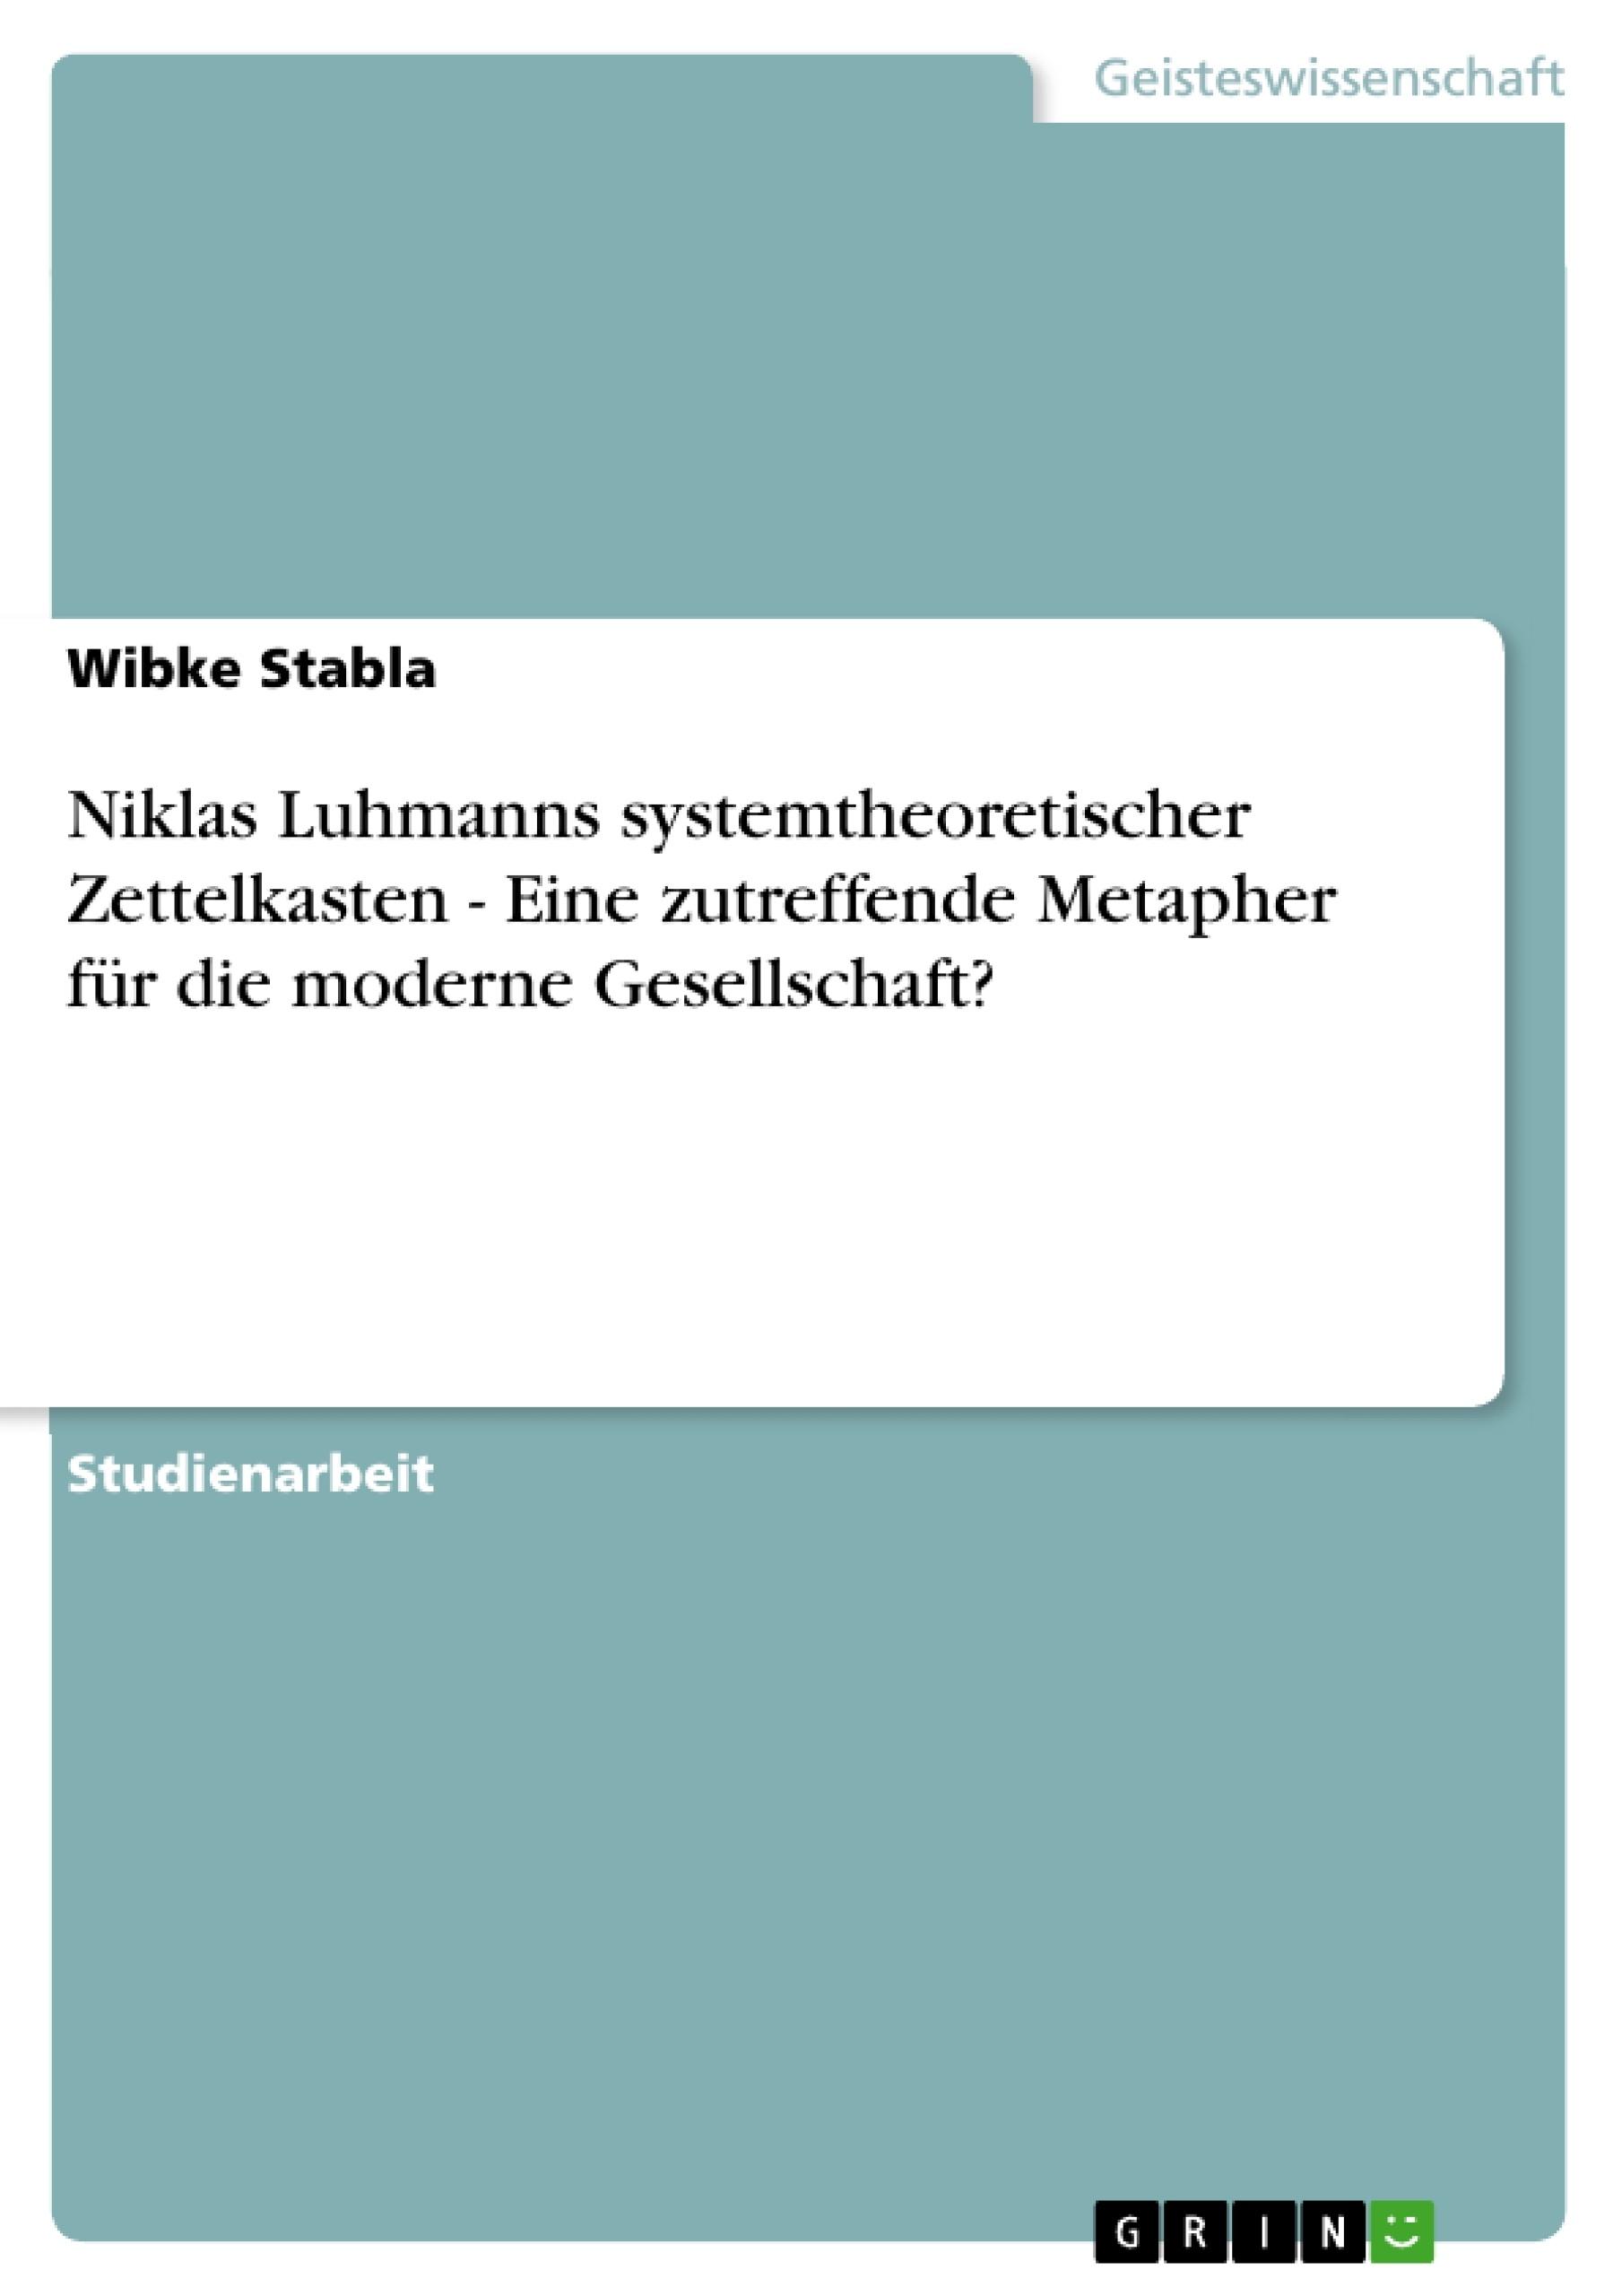 Titel: Niklas Luhmanns systemtheoretischer Zettelkasten - Eine zutreffende Metapher für die moderne Gesellschaft?